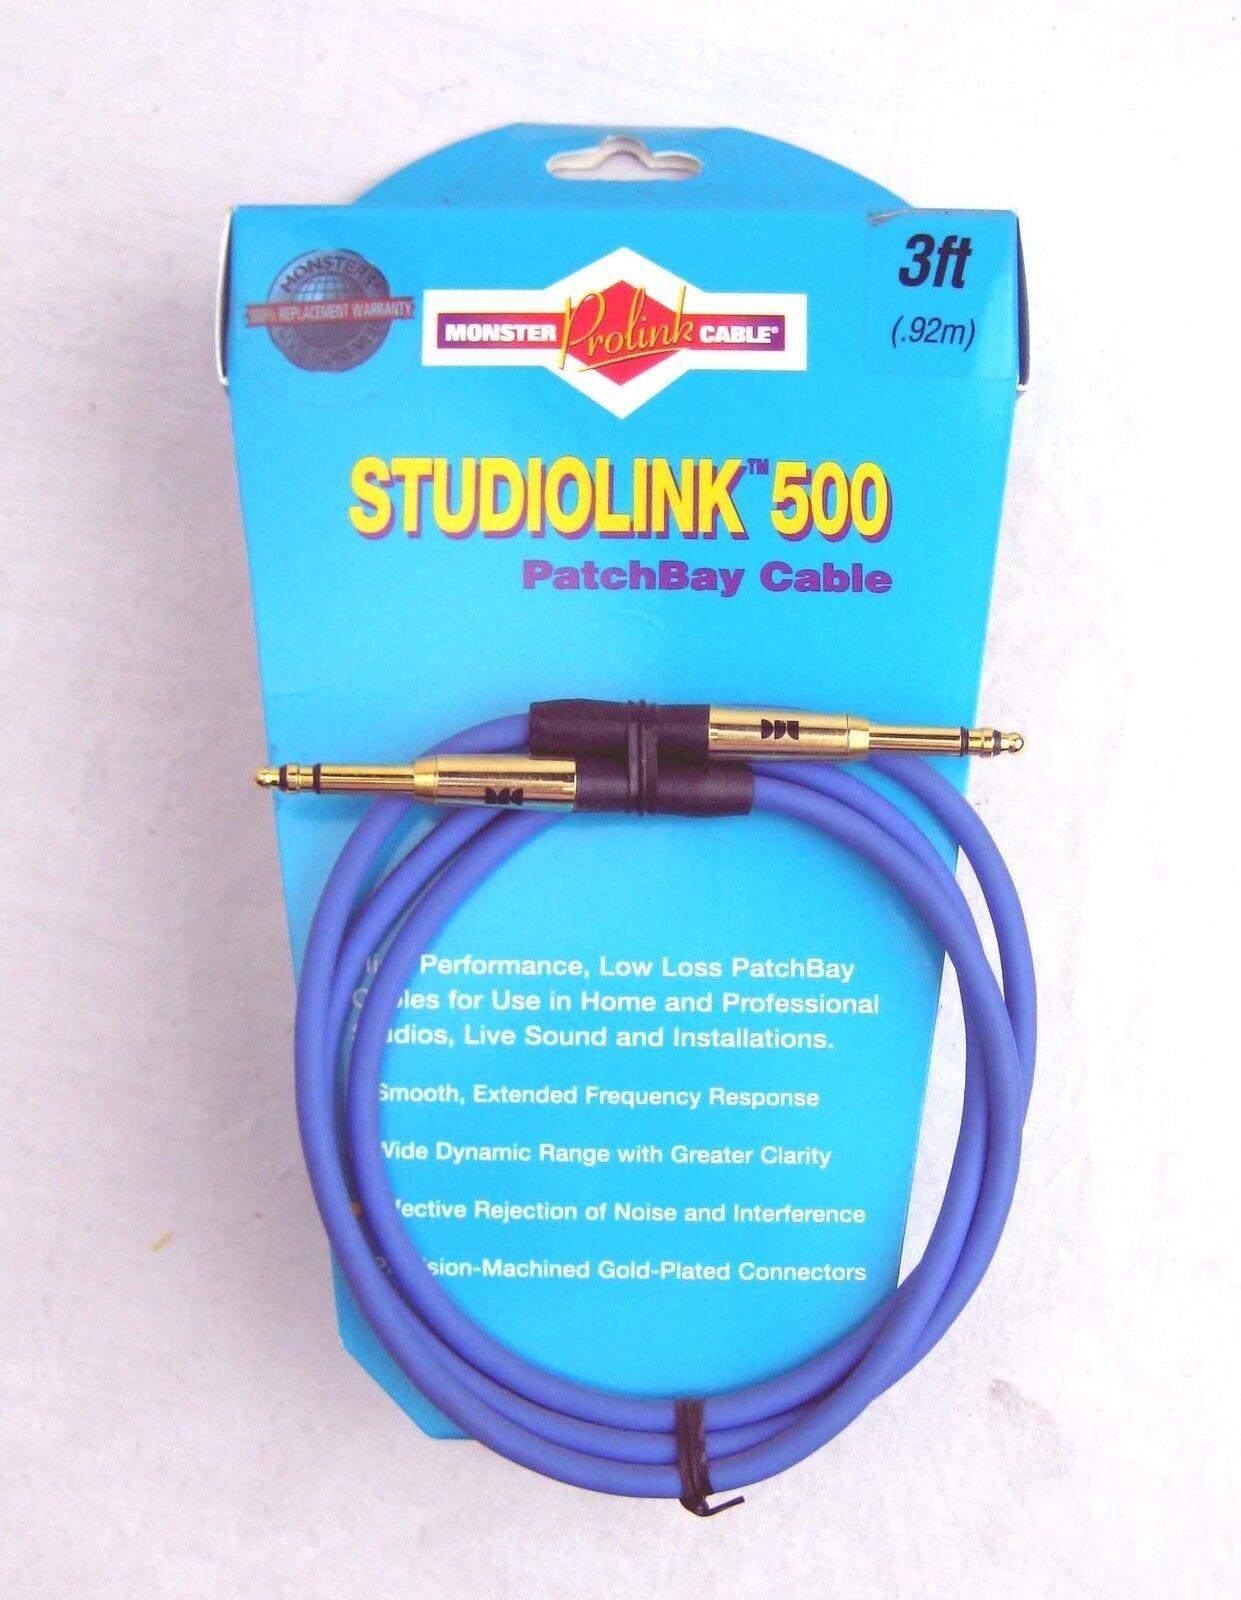 Monster StudioLink 500 TT Patchbay Cable Blue 3ft - | eBay